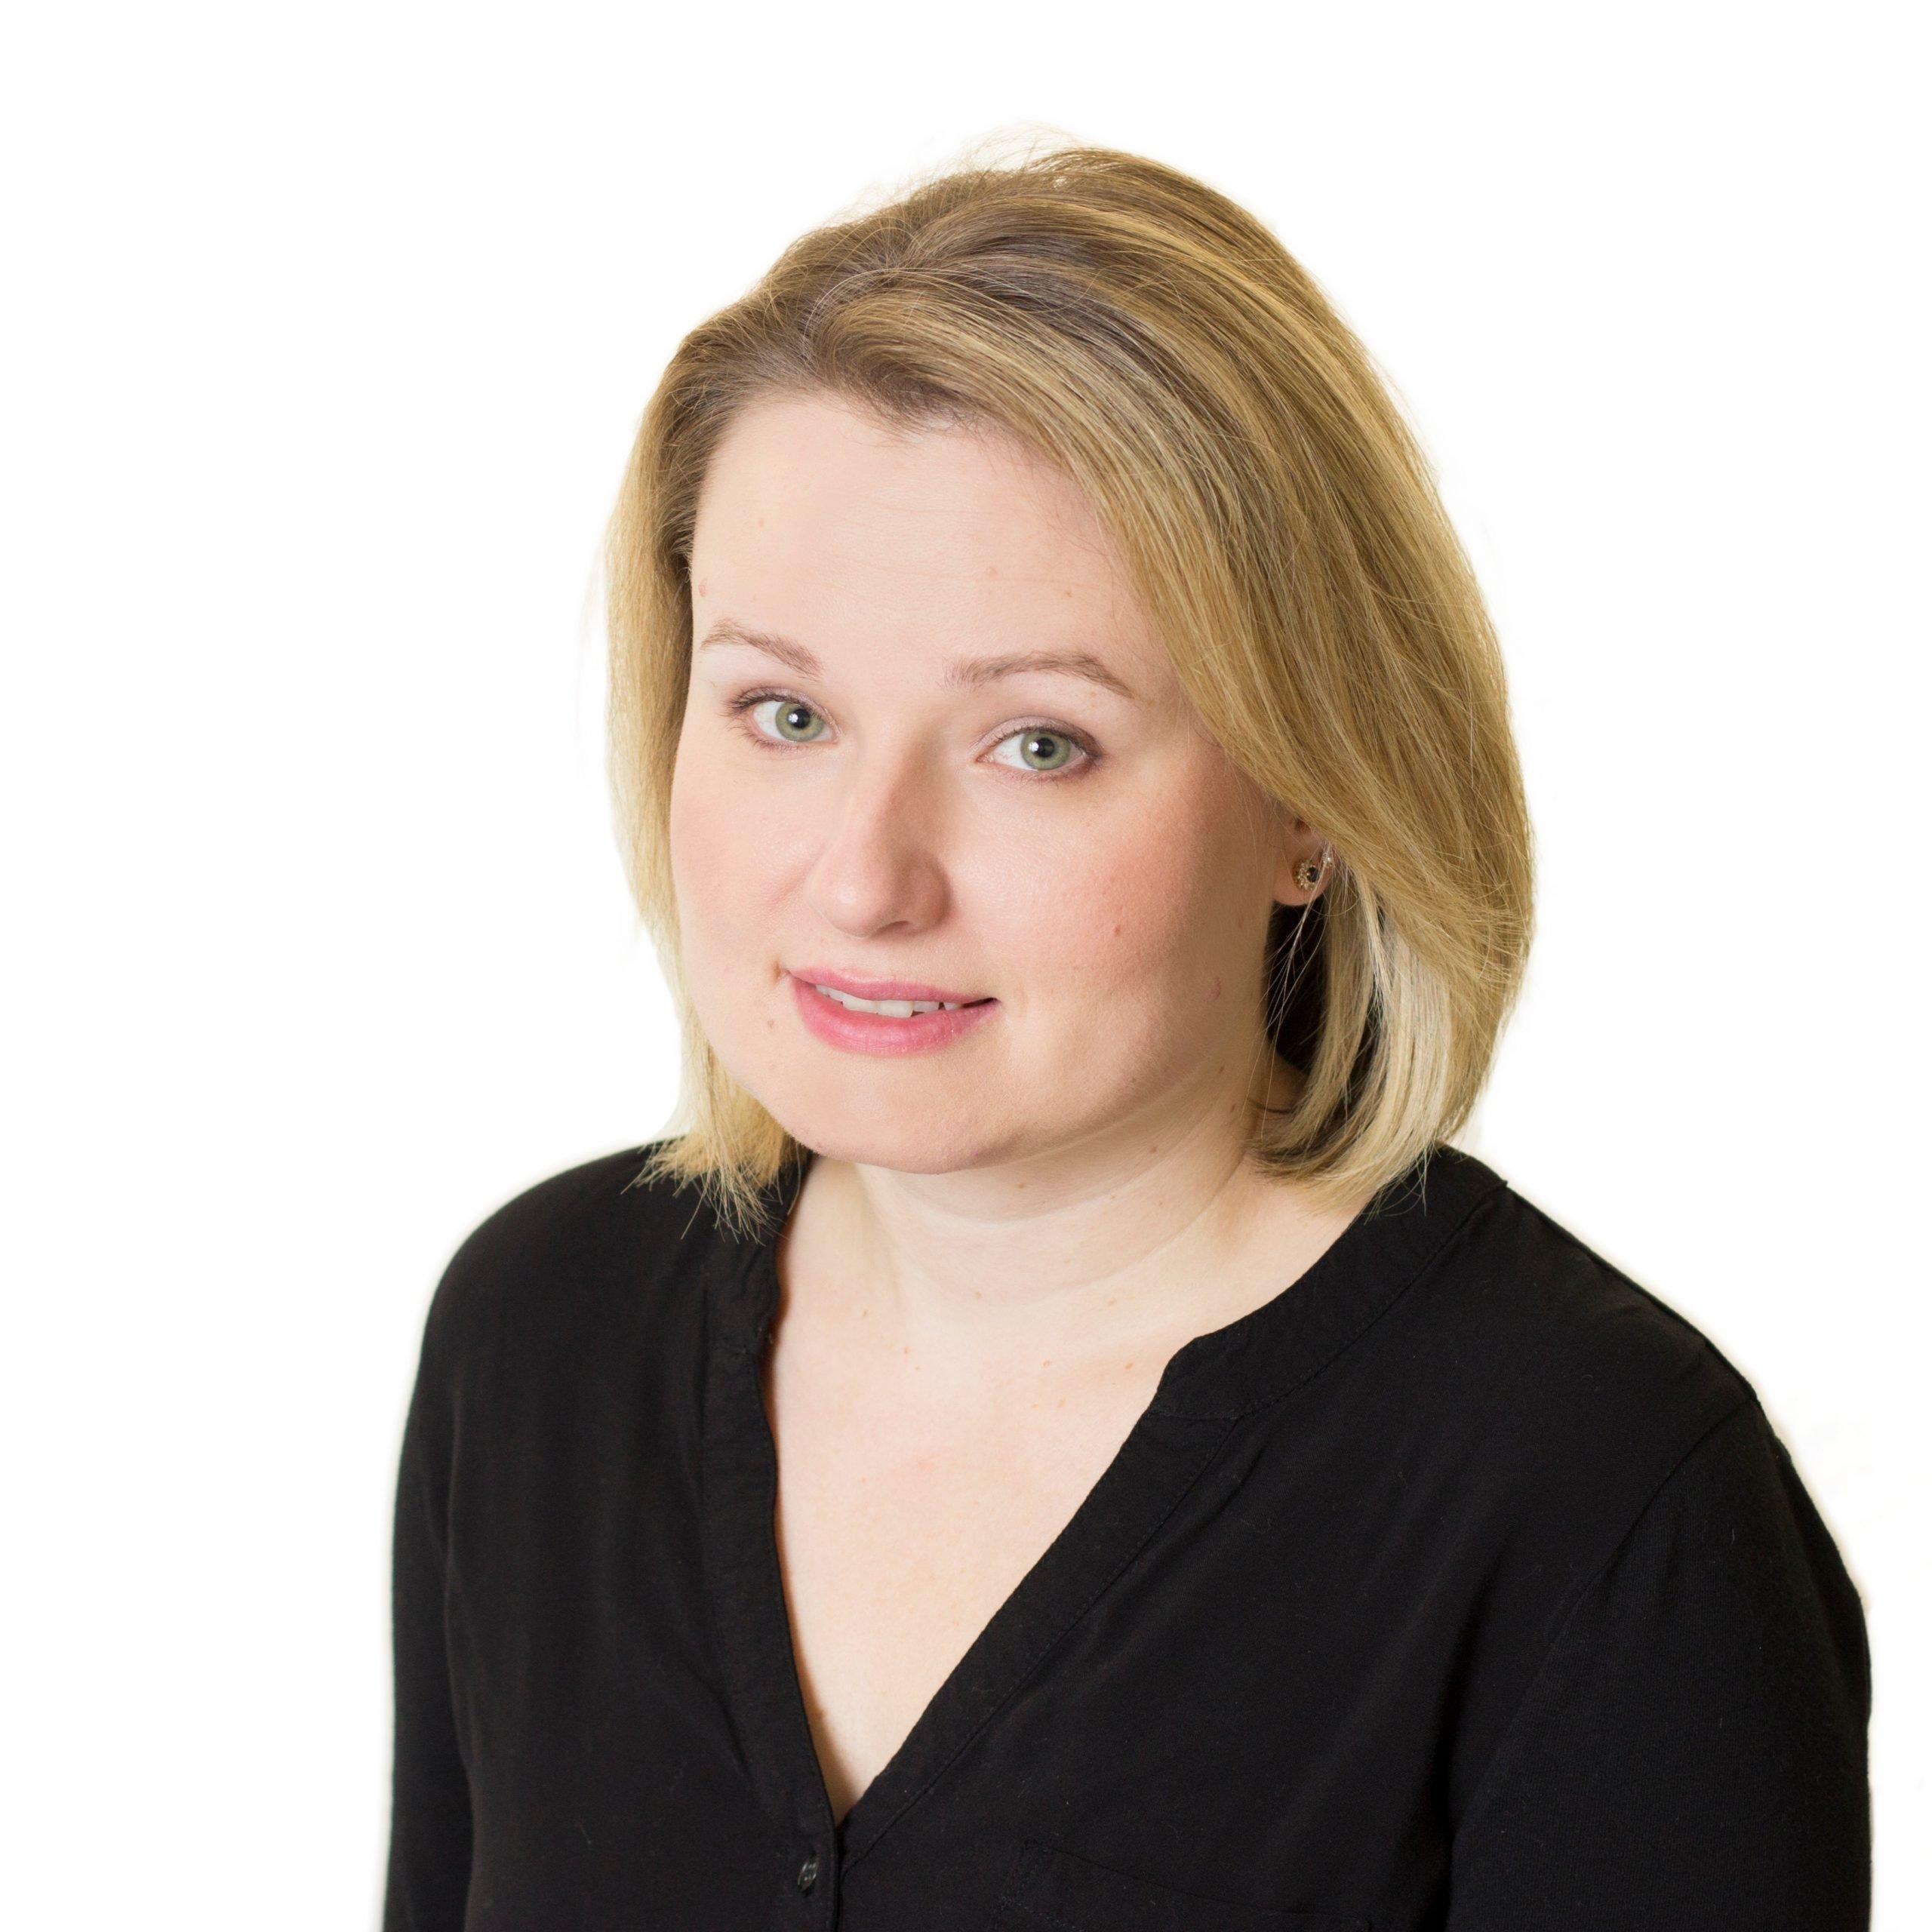 GabrielaBialoszewski